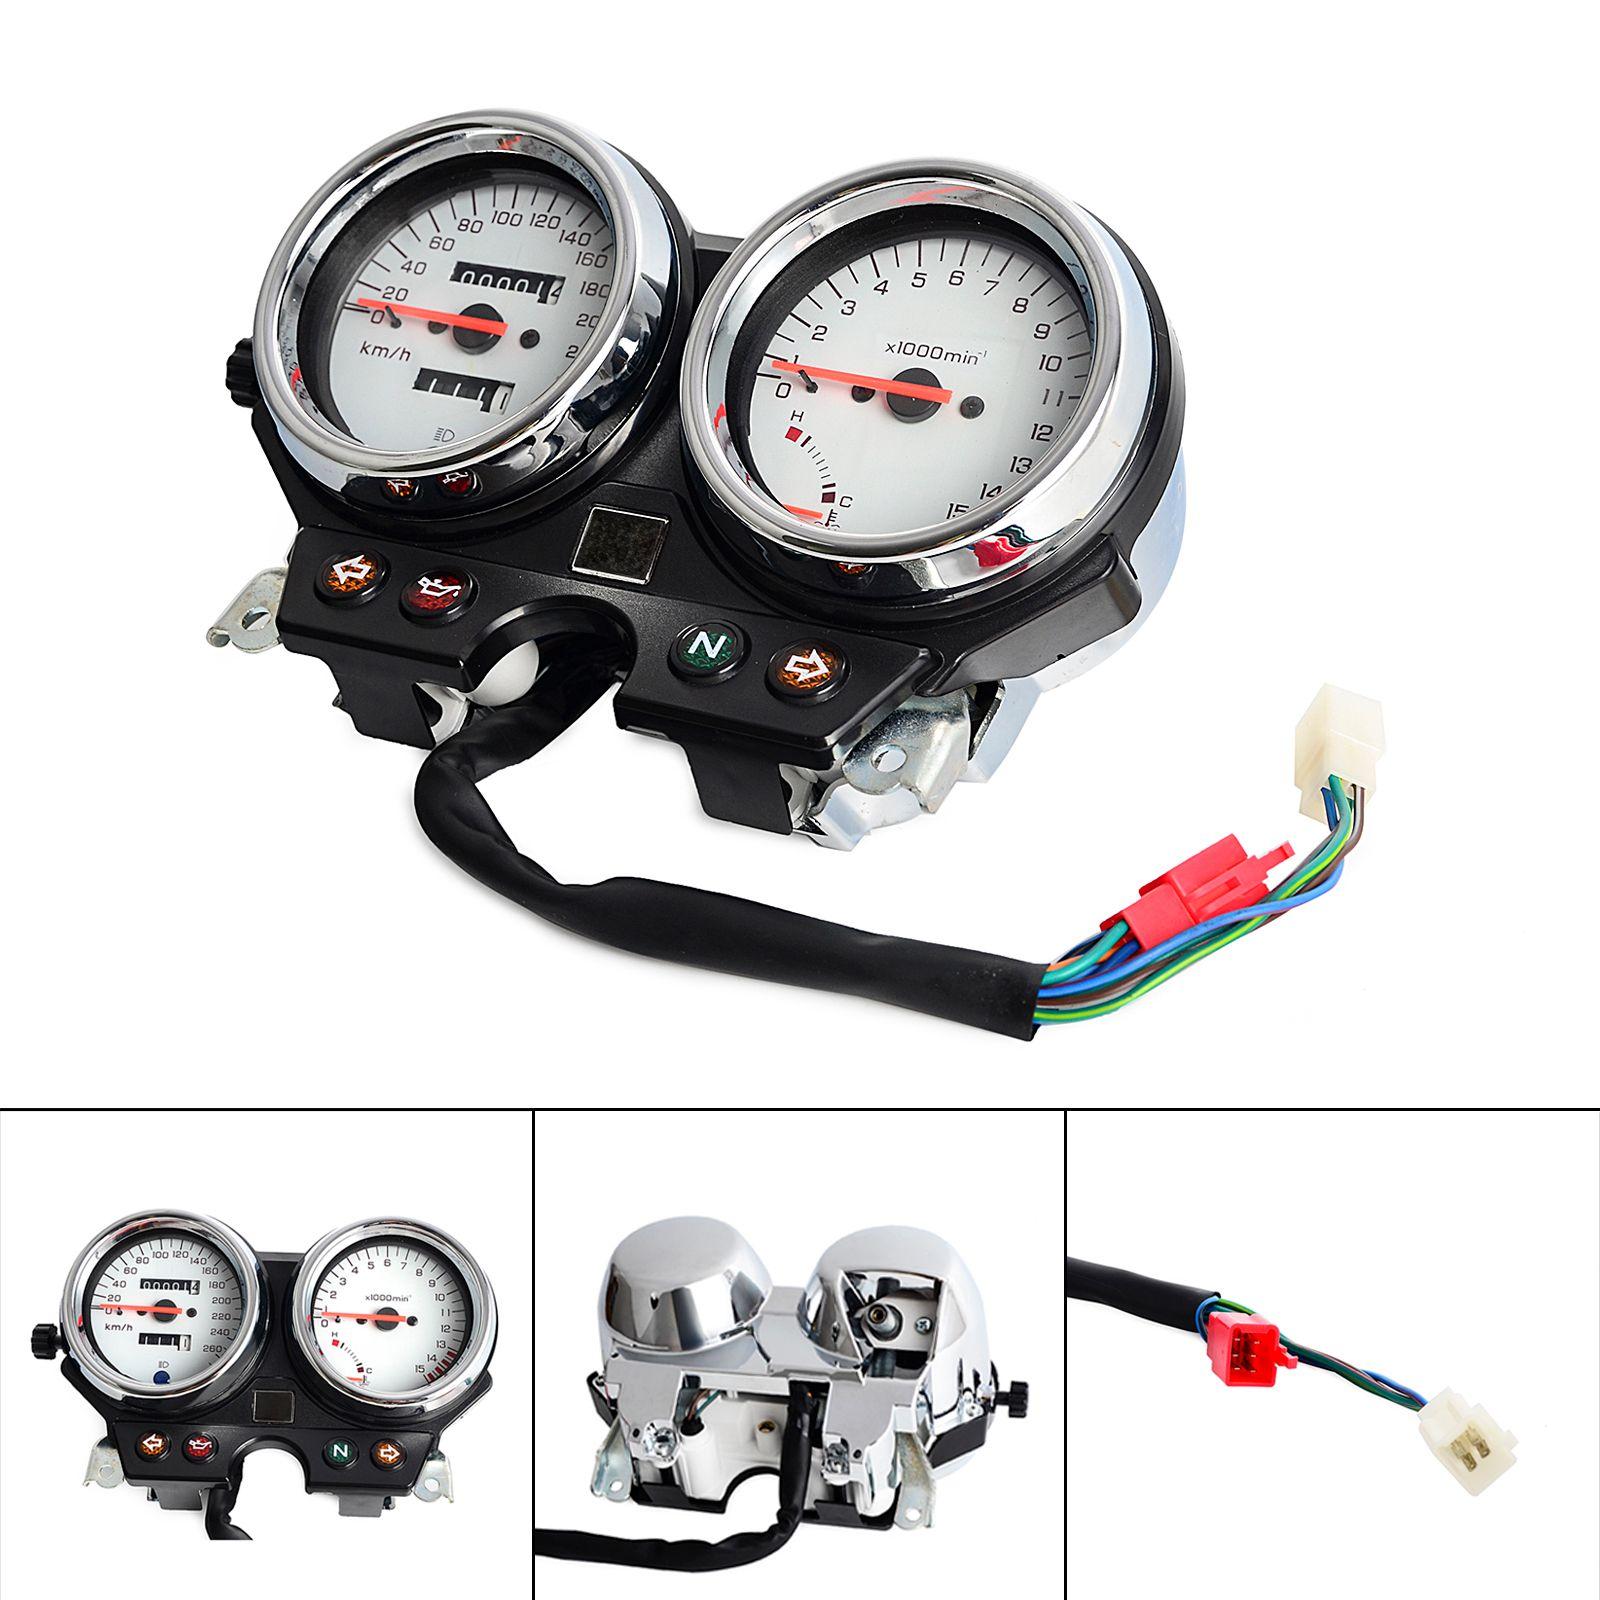 Motorcycle Gauge Cluster Speedometer For Honda CB600 Hornet 600 1996 1997 1998 1999 2000 2001 2002 Hornet600 NEW